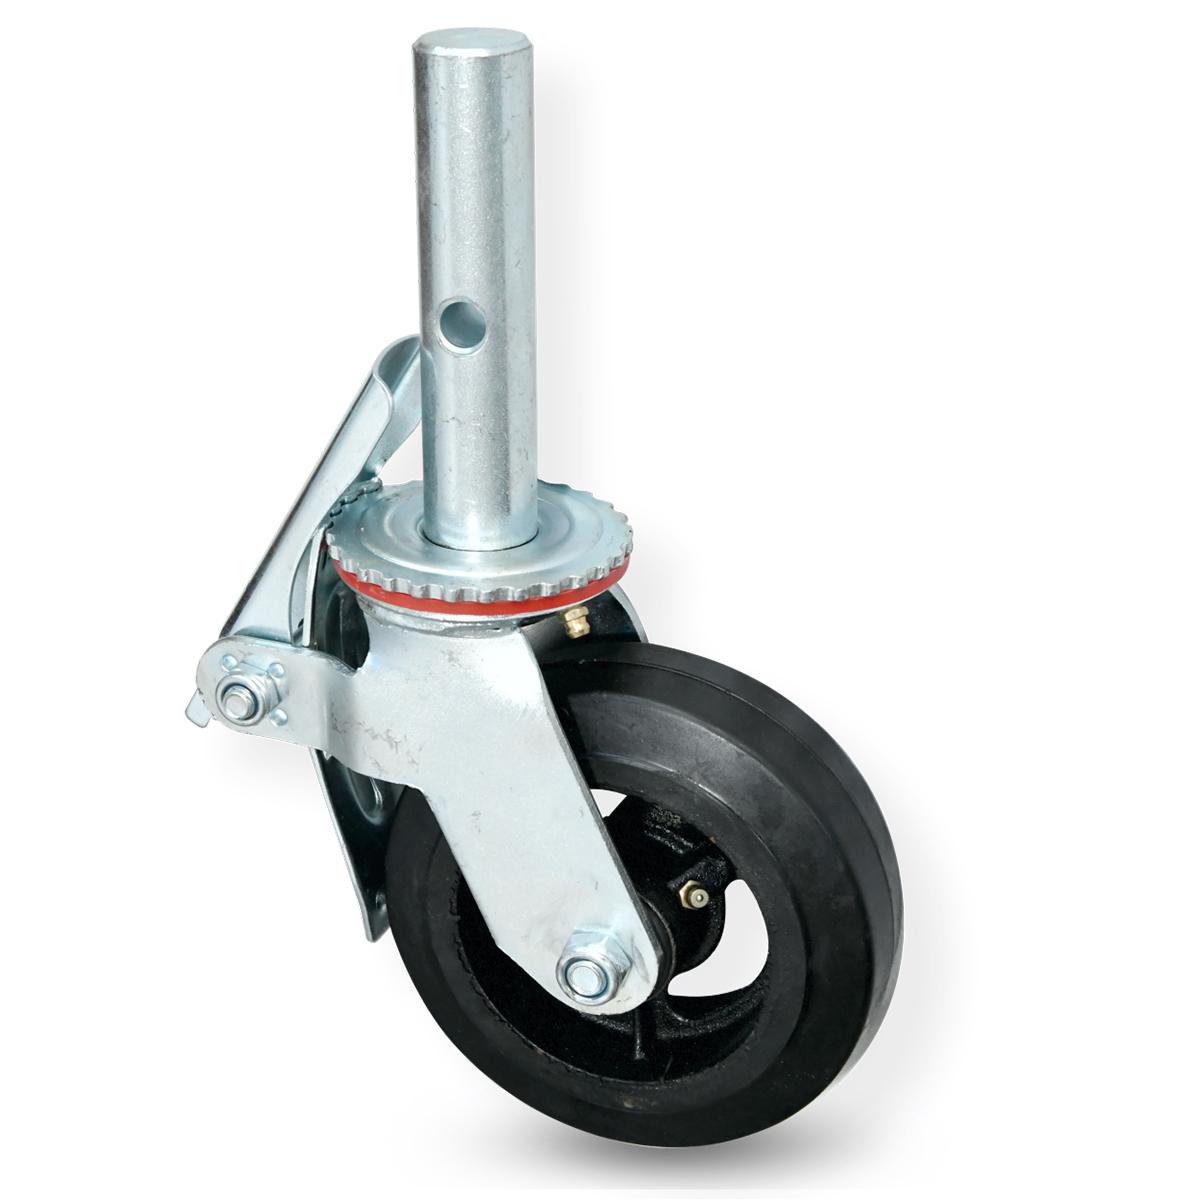 Roda Para Andaime Rodízio De Borracha E Ferro 330mm 200kg